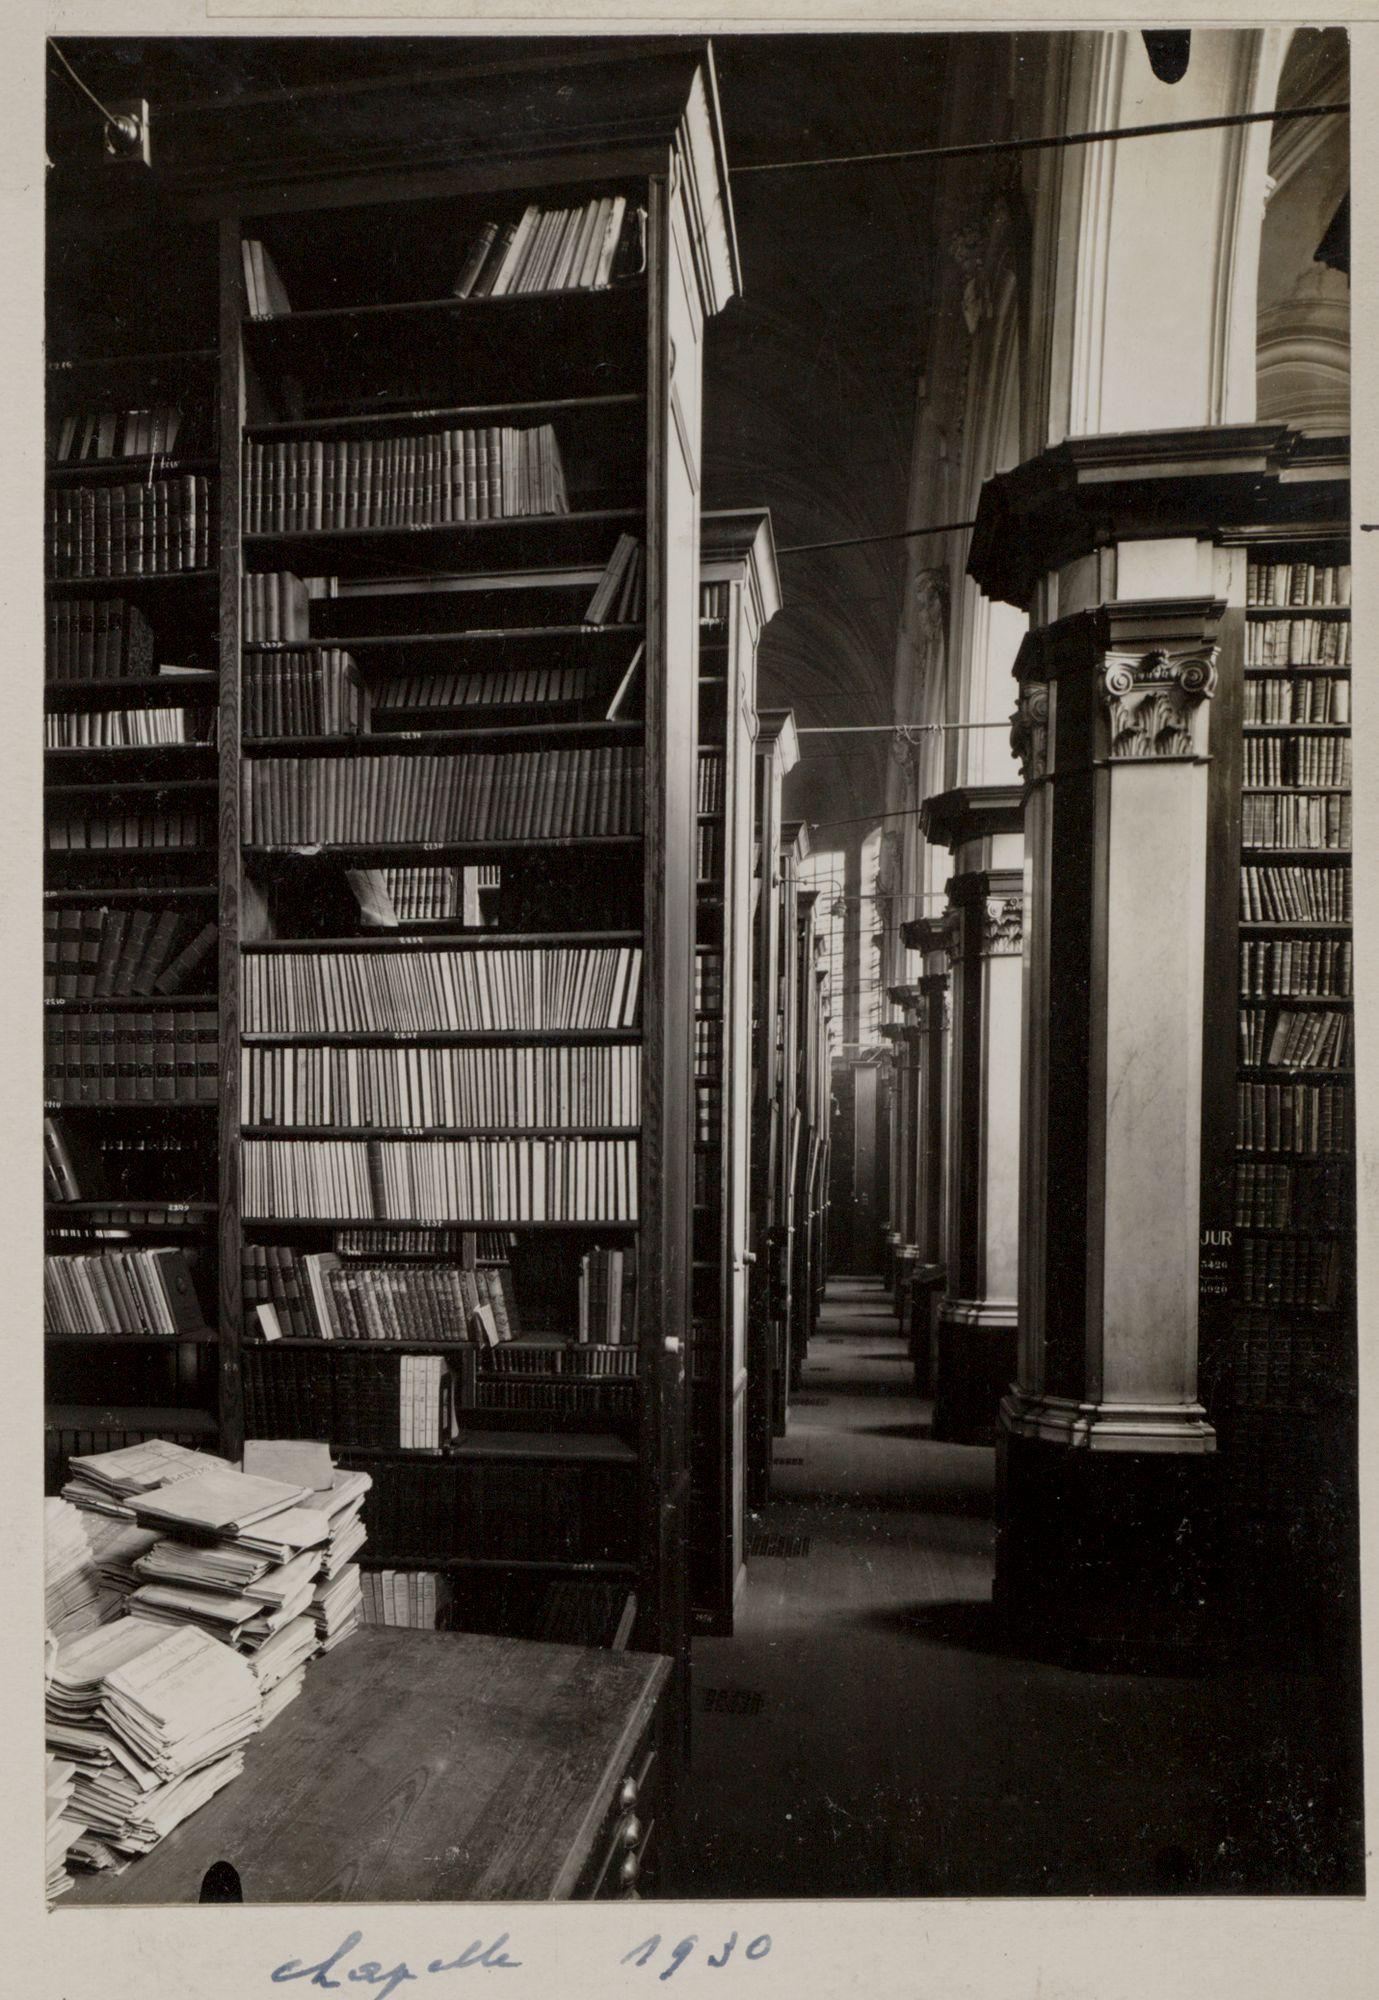 Gent: Baudeloabdij (Stads- en Universiteitsbibliotheek): magazijn met boekenrekken in de kapel, 1930